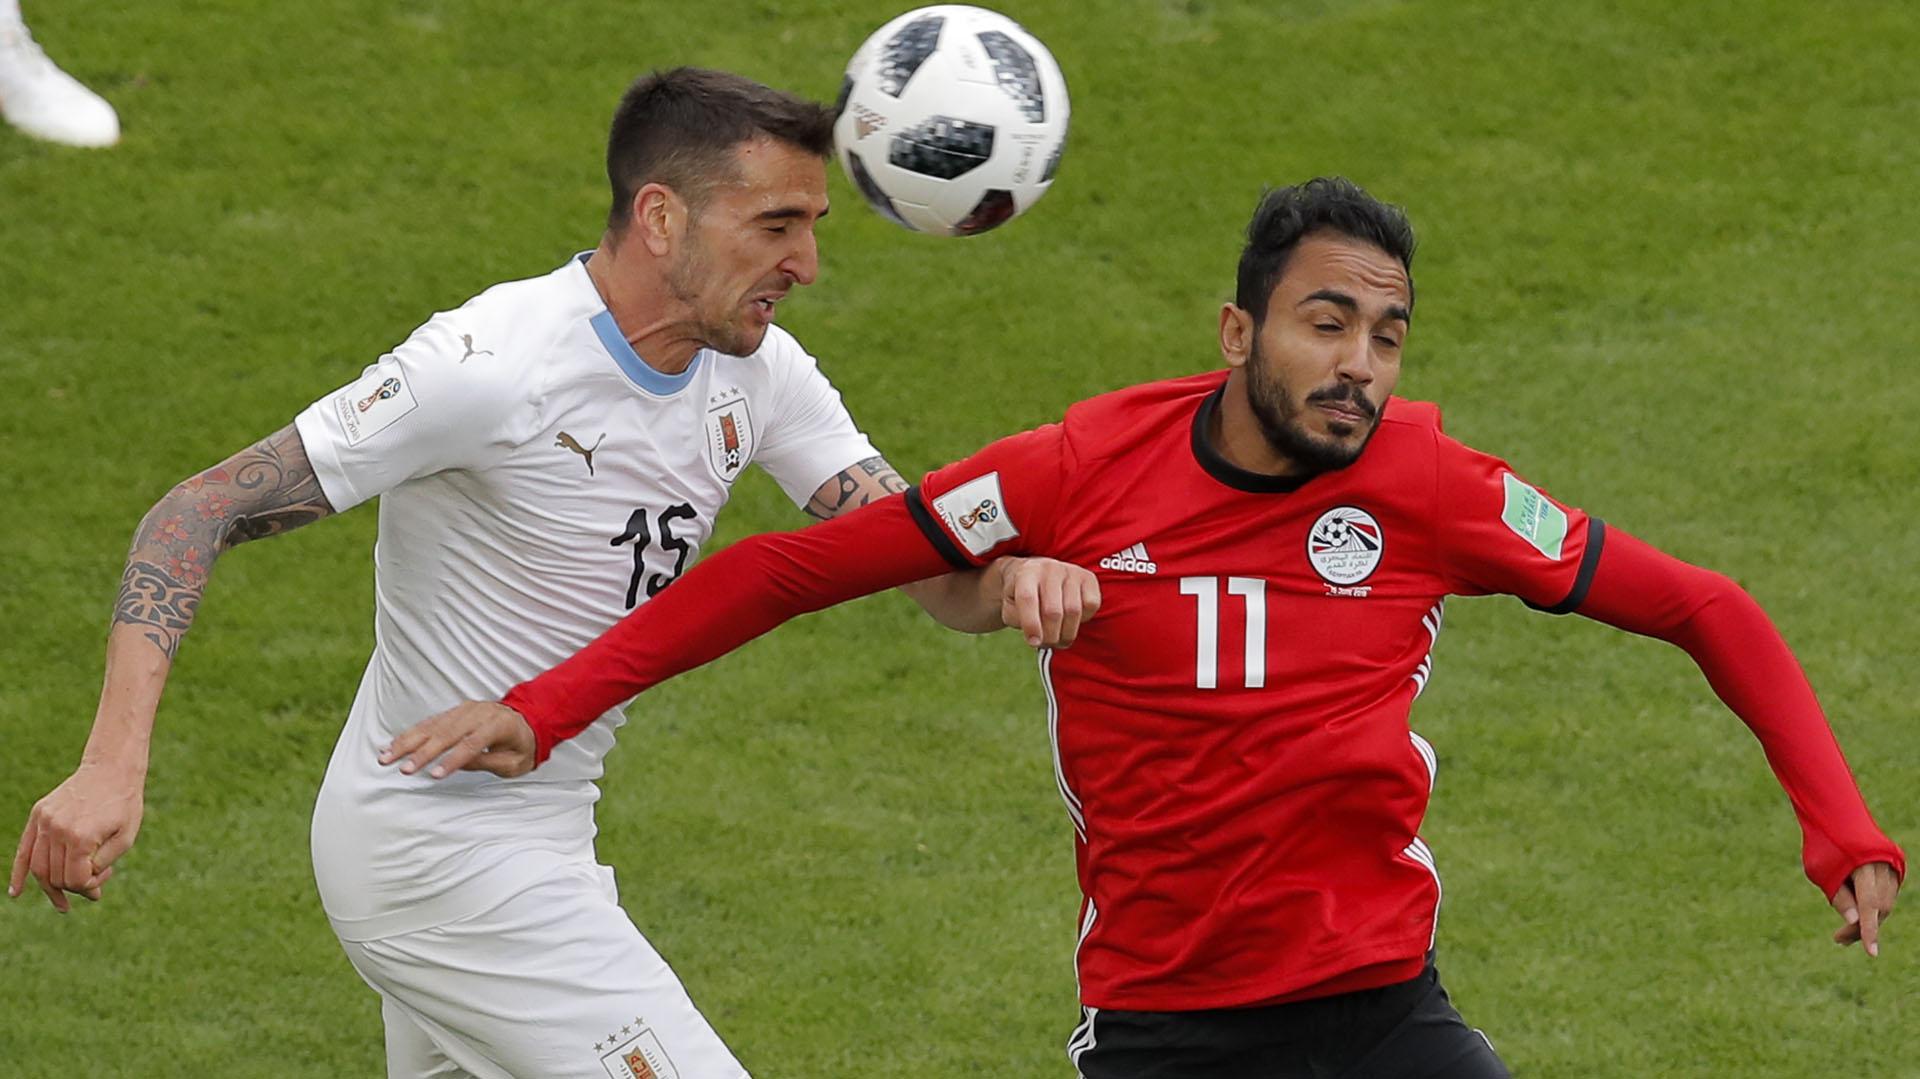 Egipto y Uruguay jugarán frente a Rusia y Arabia Saudita respectivamente en la próxima fecha